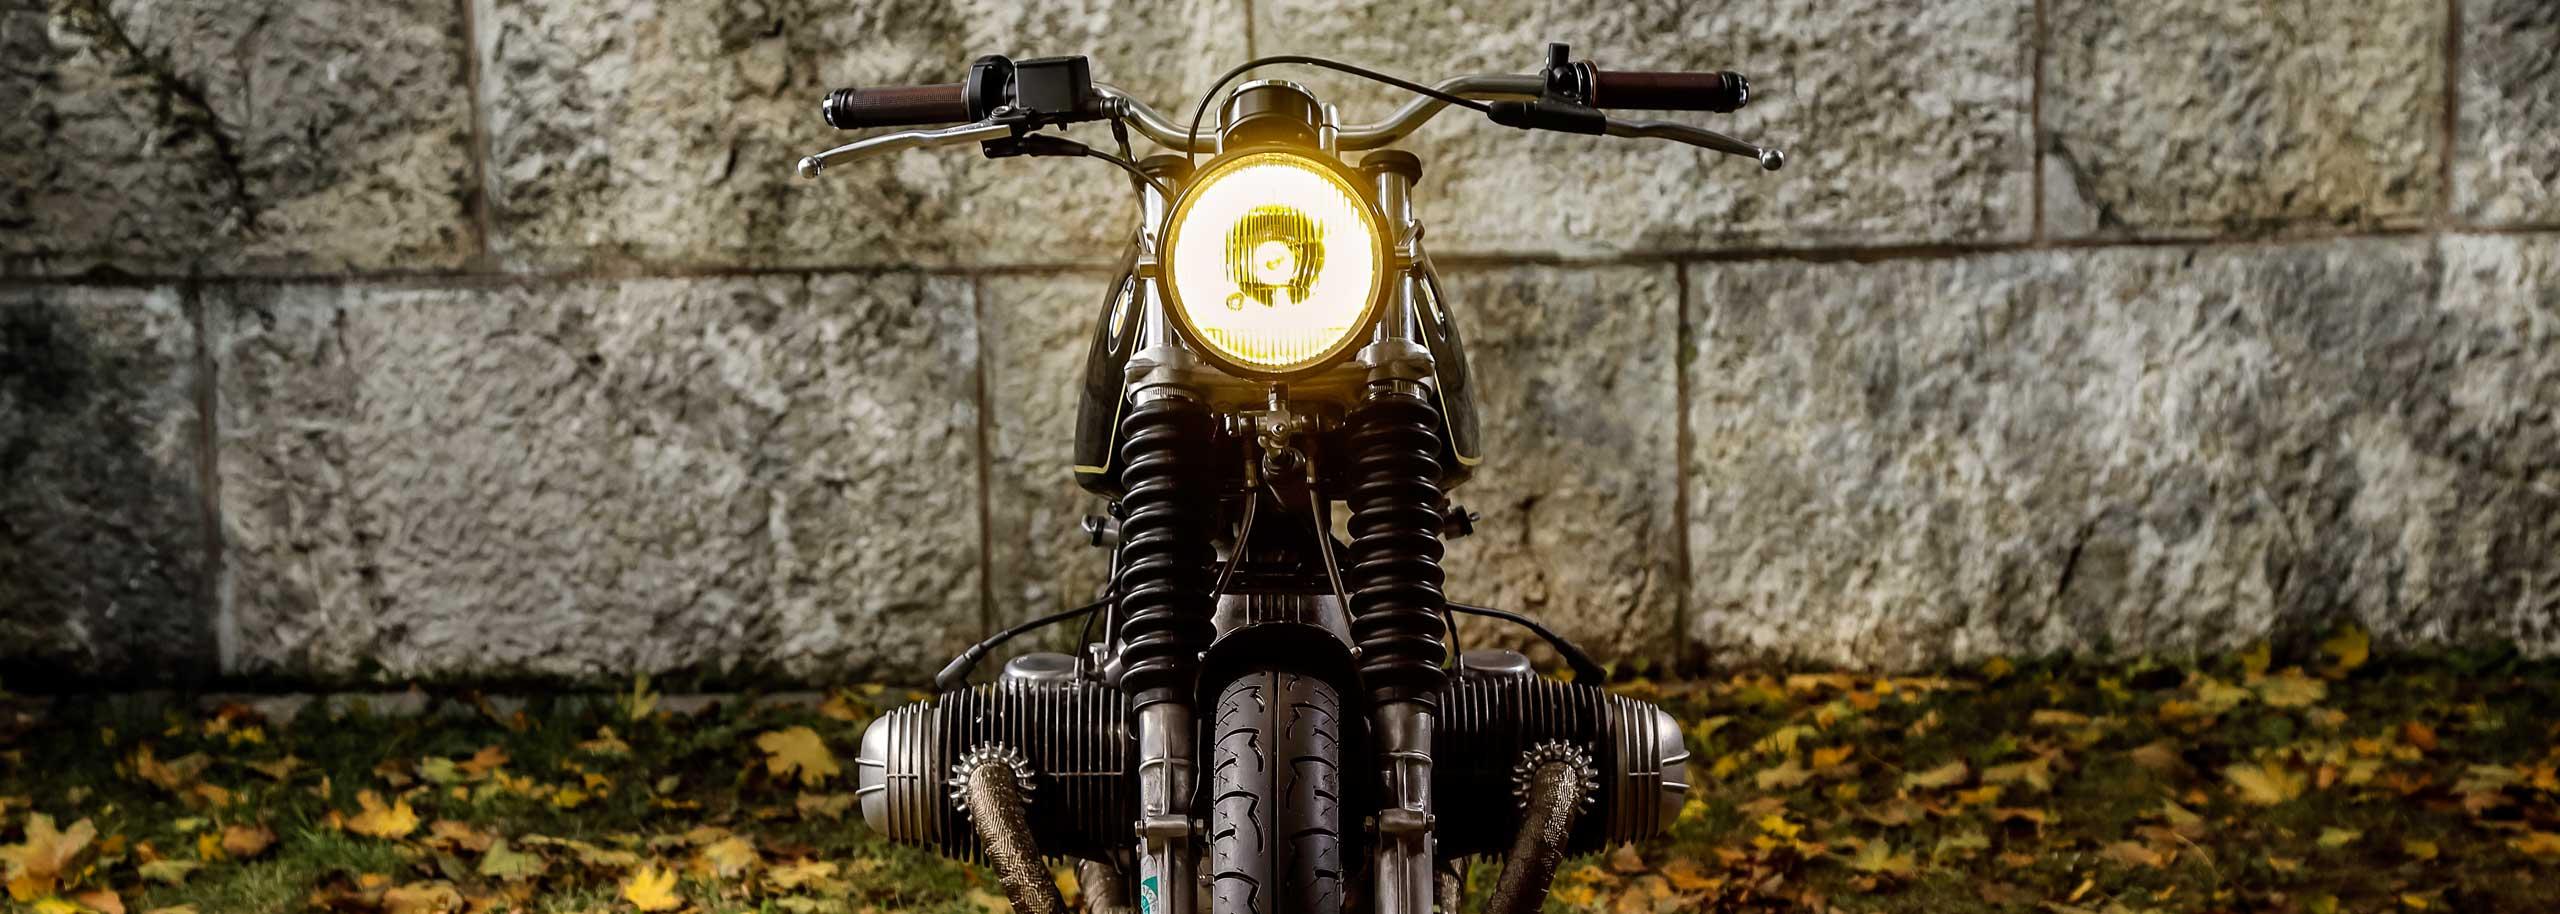 03_TITAN-Most-Classic-Cafe-Racer_BMW-R80-Motorrad-Umbaur-Graz-Austria-Vintage_Custom-Bikes_Zweirad_TUEV_Typisierte-Umbauten-Oesterreich